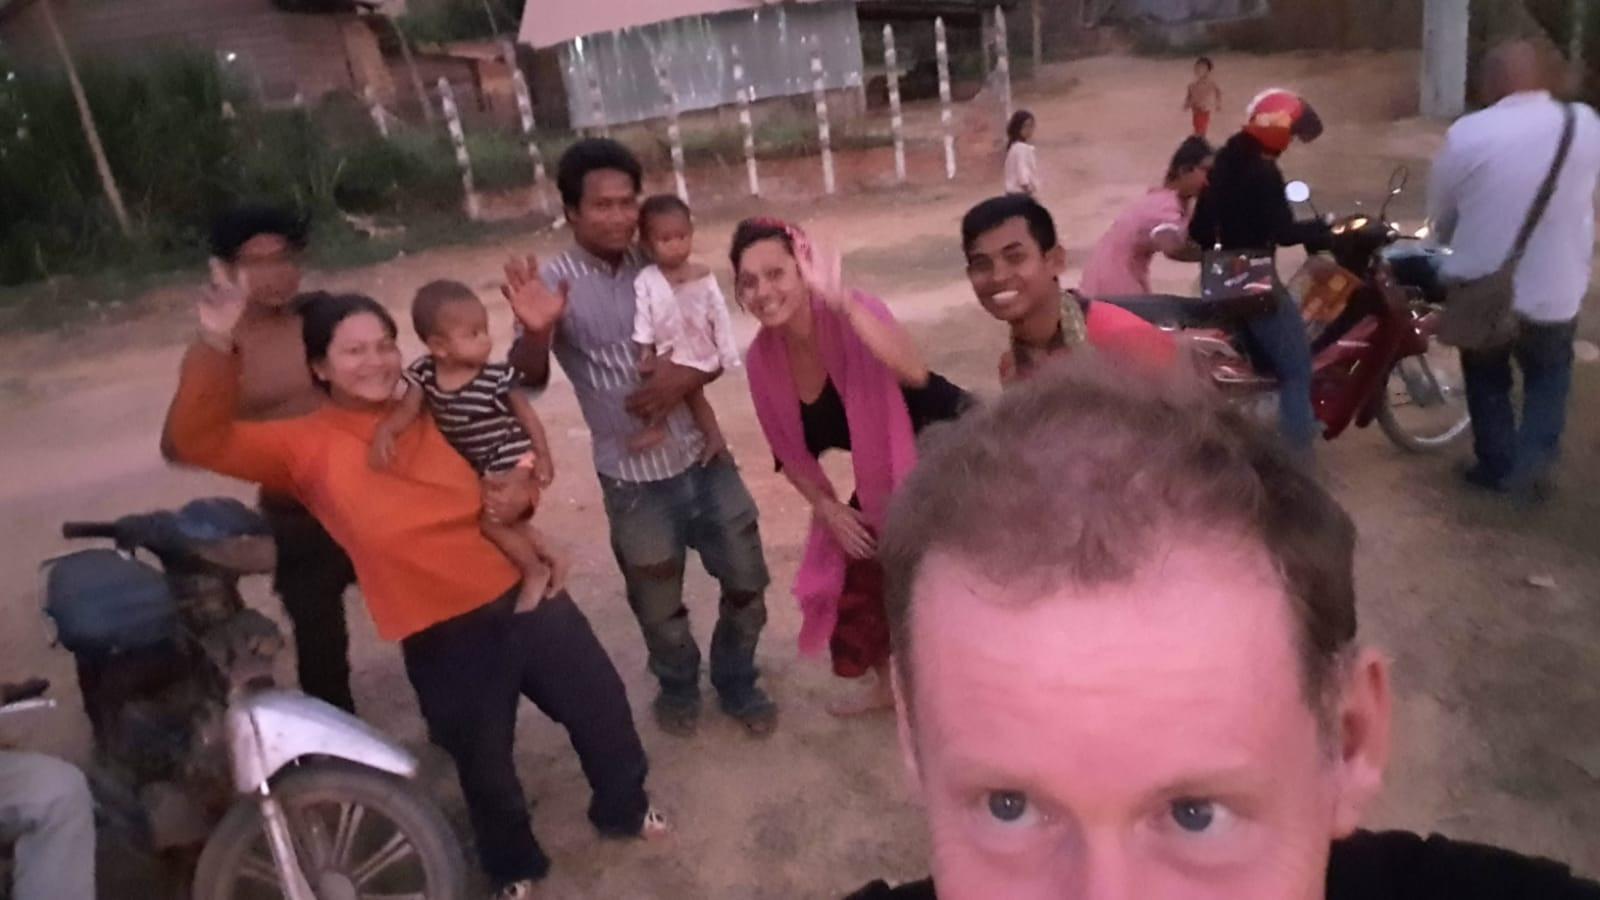 Afscheid laatste avond Cambodja